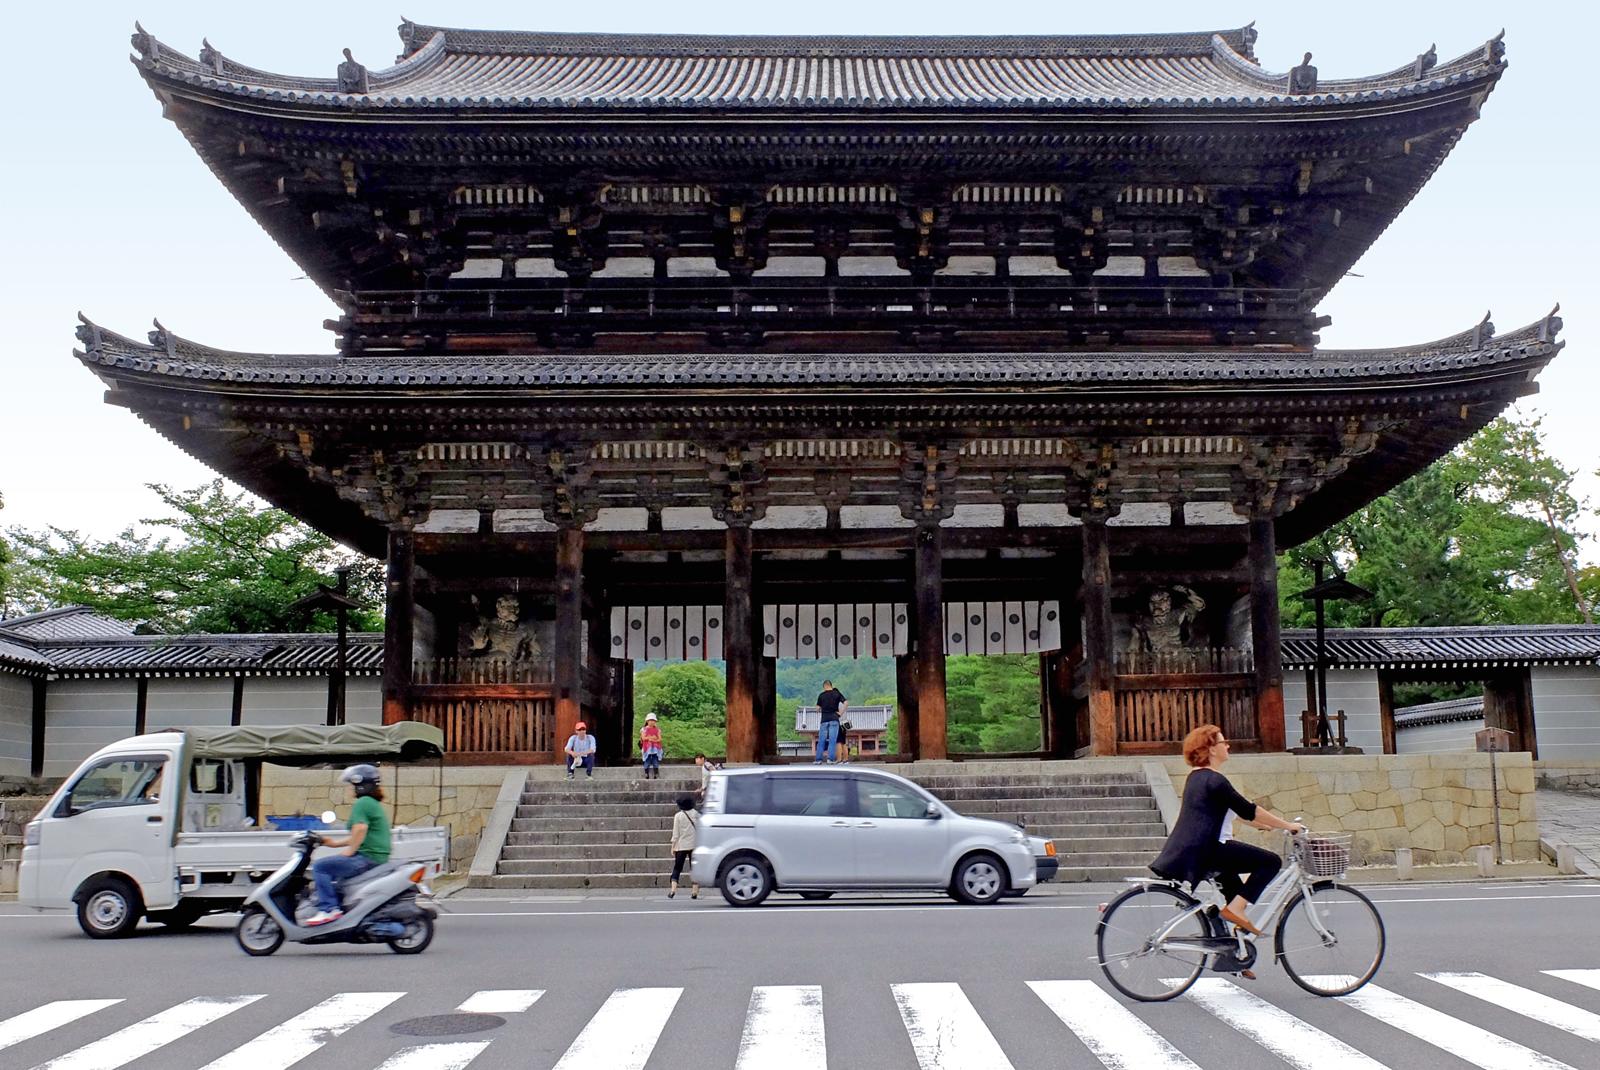 Fahrradfahrerin vor einem Tempel in Kyoto